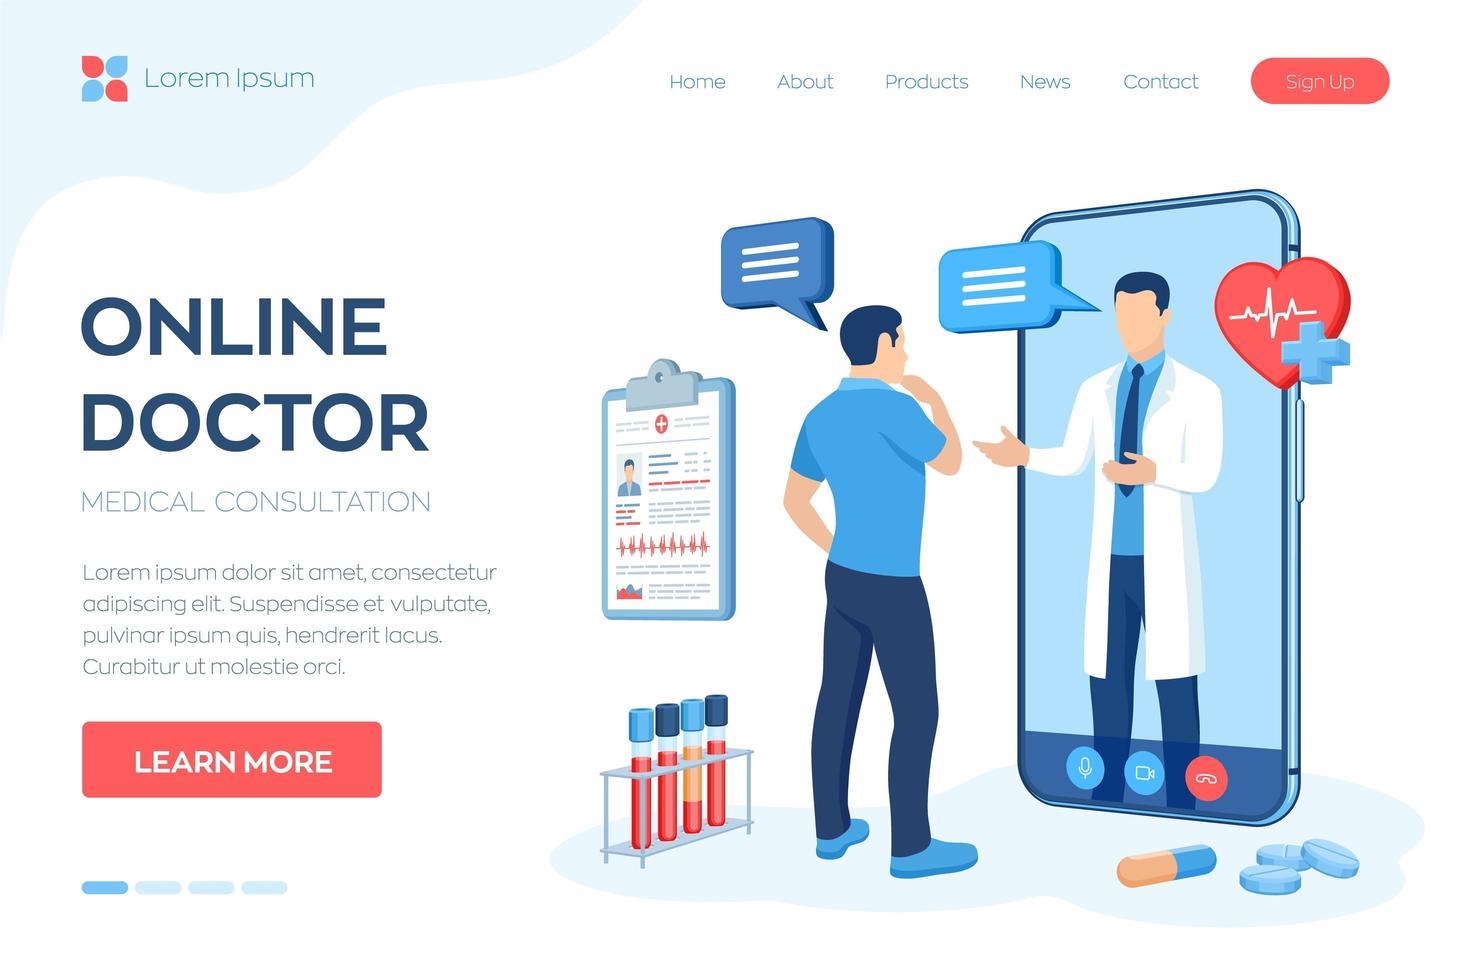 Online-Konzept für medizinische Beratung und Unterstützungsdienste vektor